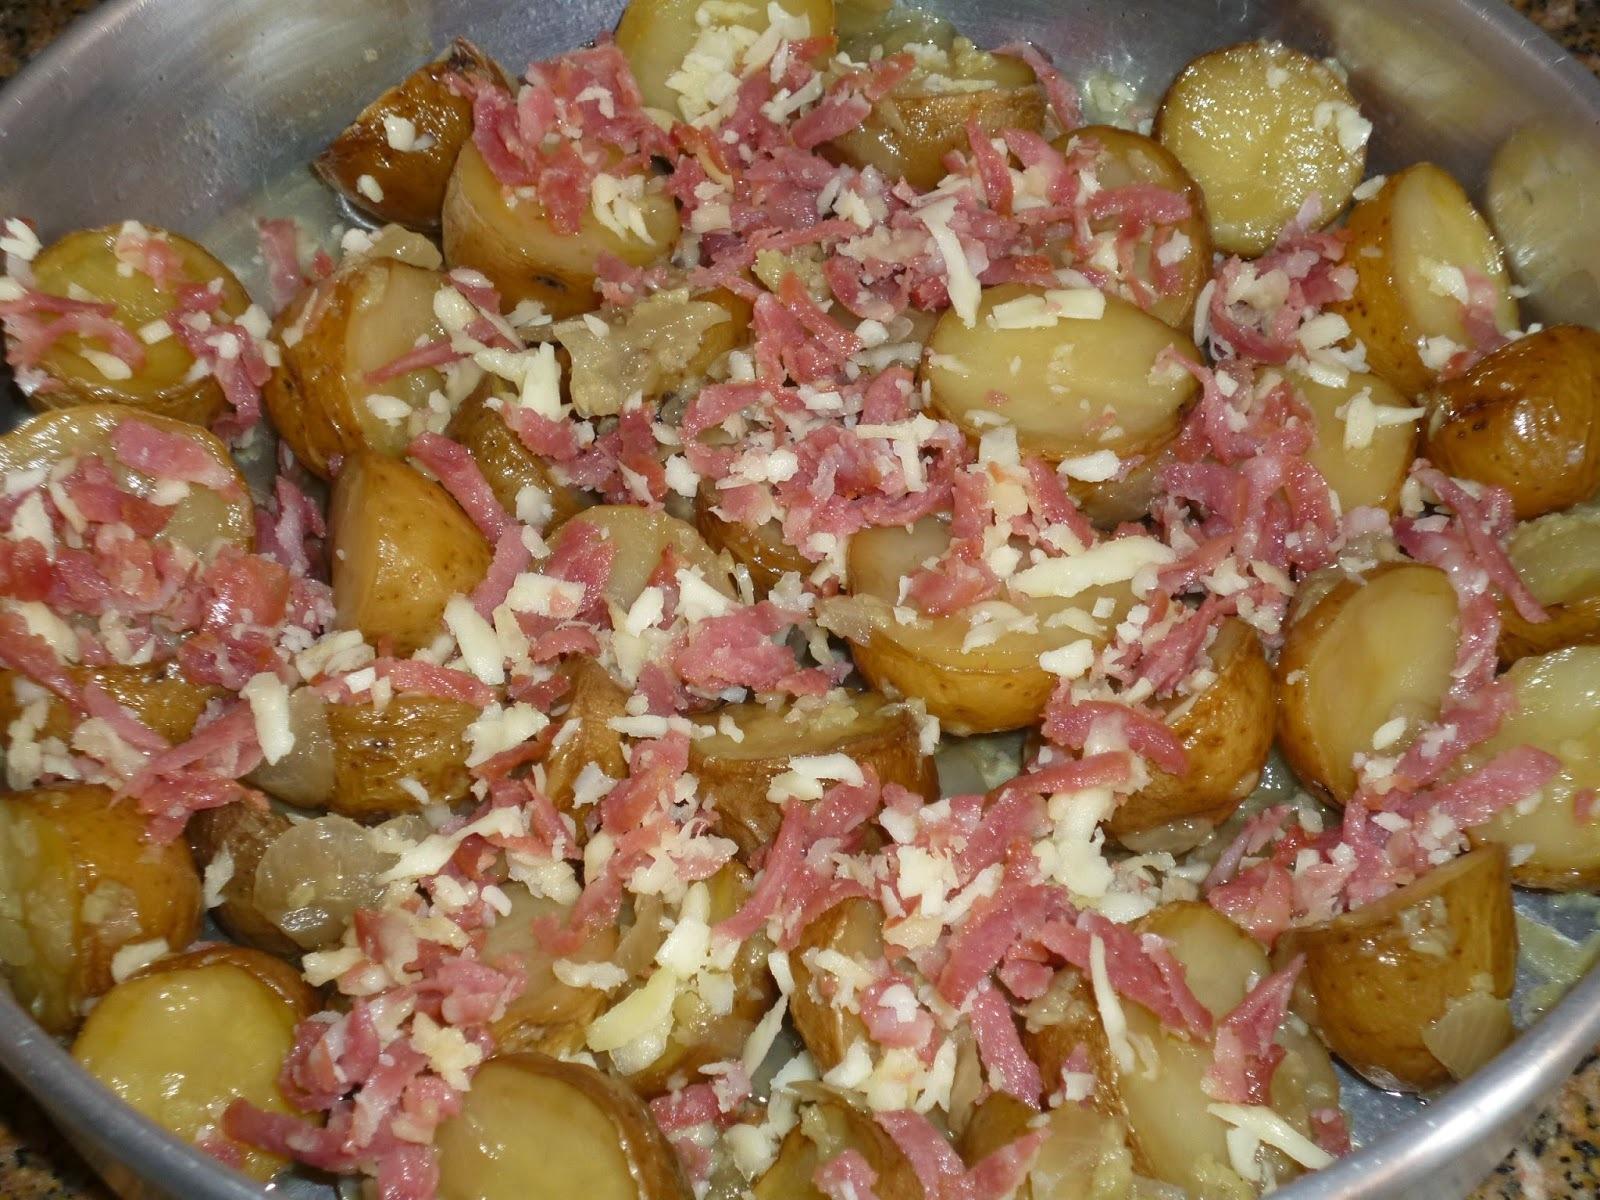 bolinho de frango com batata e farinha de rosca ao fôrno